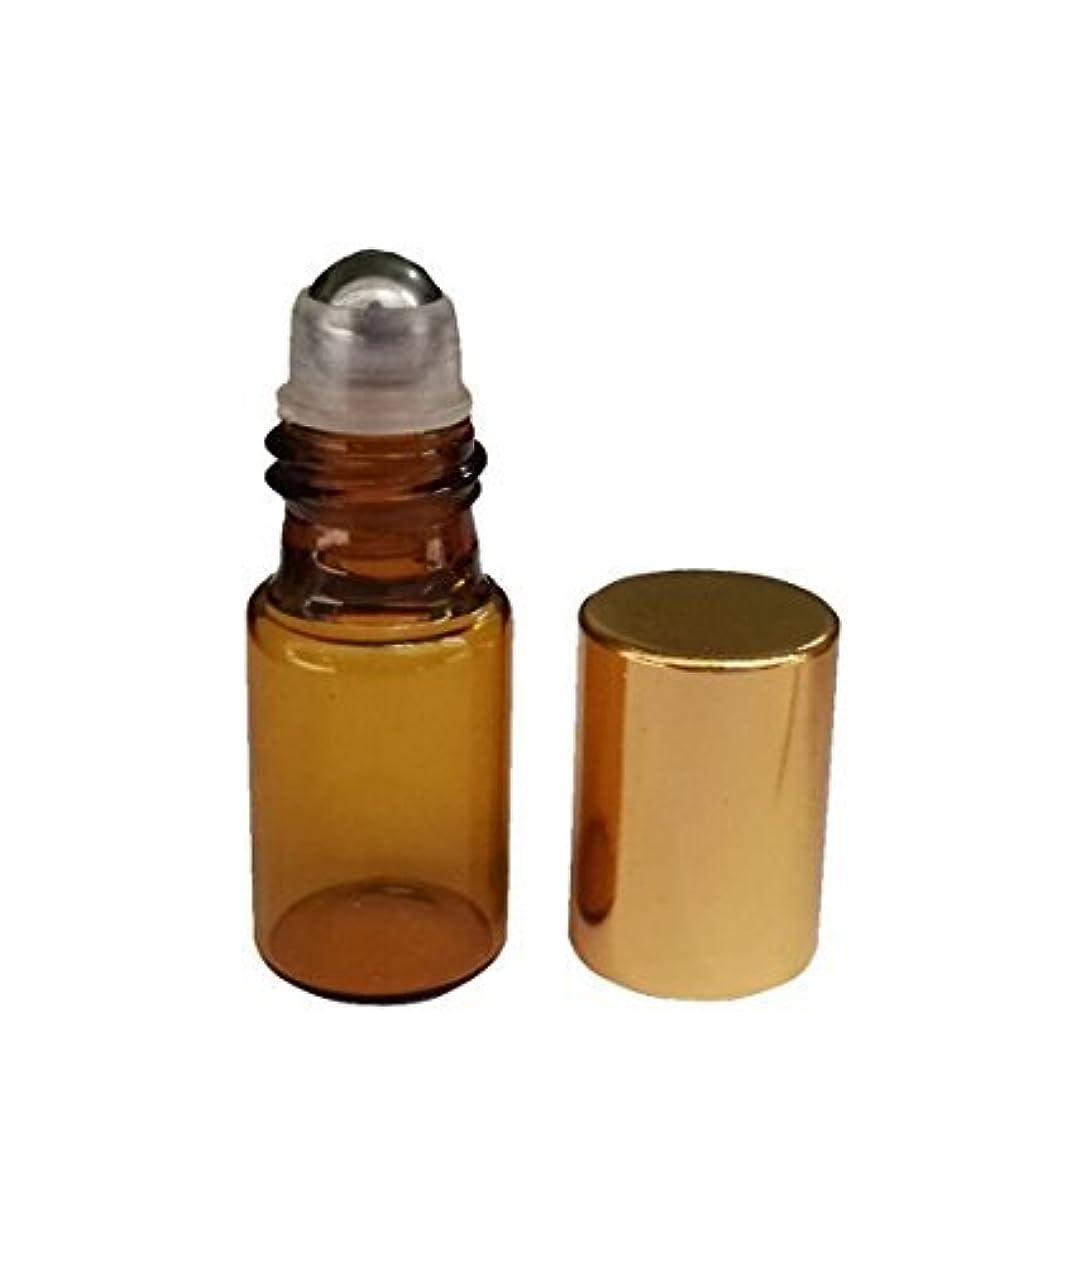 習熟度シャトル奴隷HugeStore 15 Pcs 5ml Refillable Amber Glass Rollerball Bottles Empty Essential Oil Glass Roller Bottles for Aromatherapy...